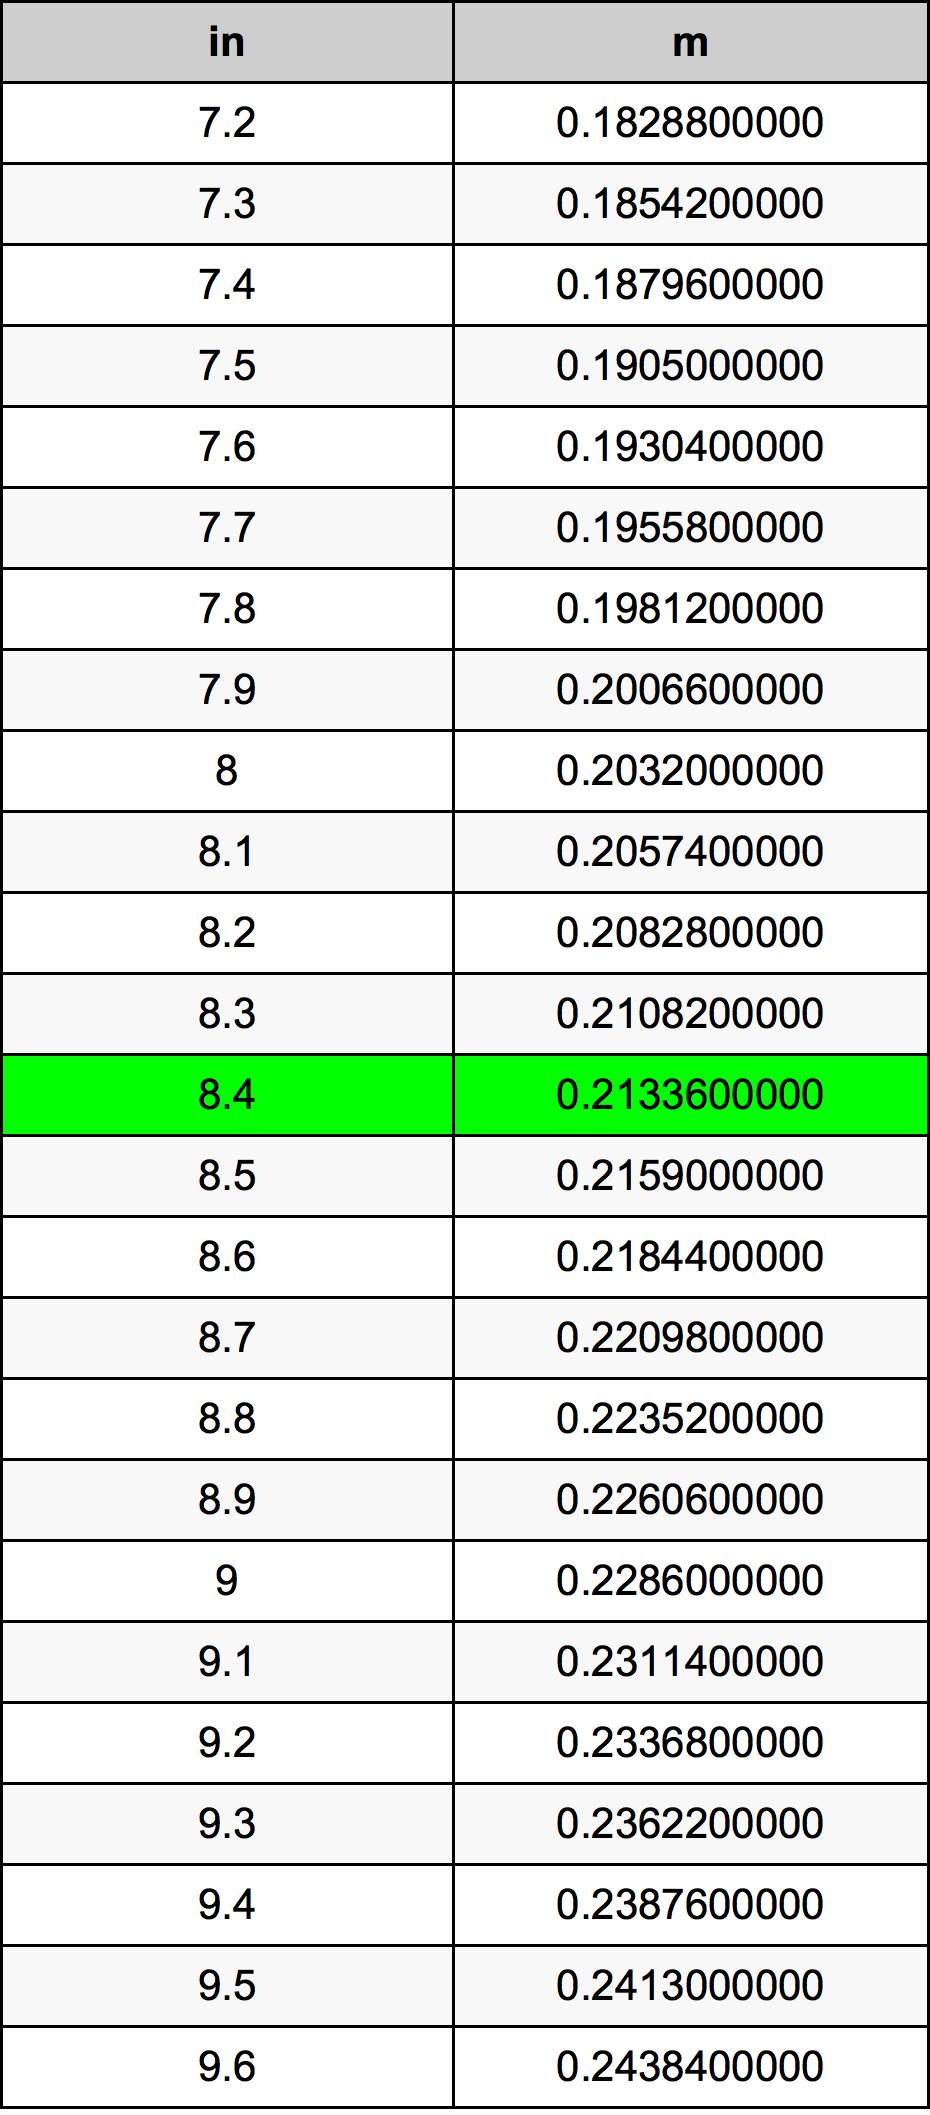 8.4 Inch conversietabel